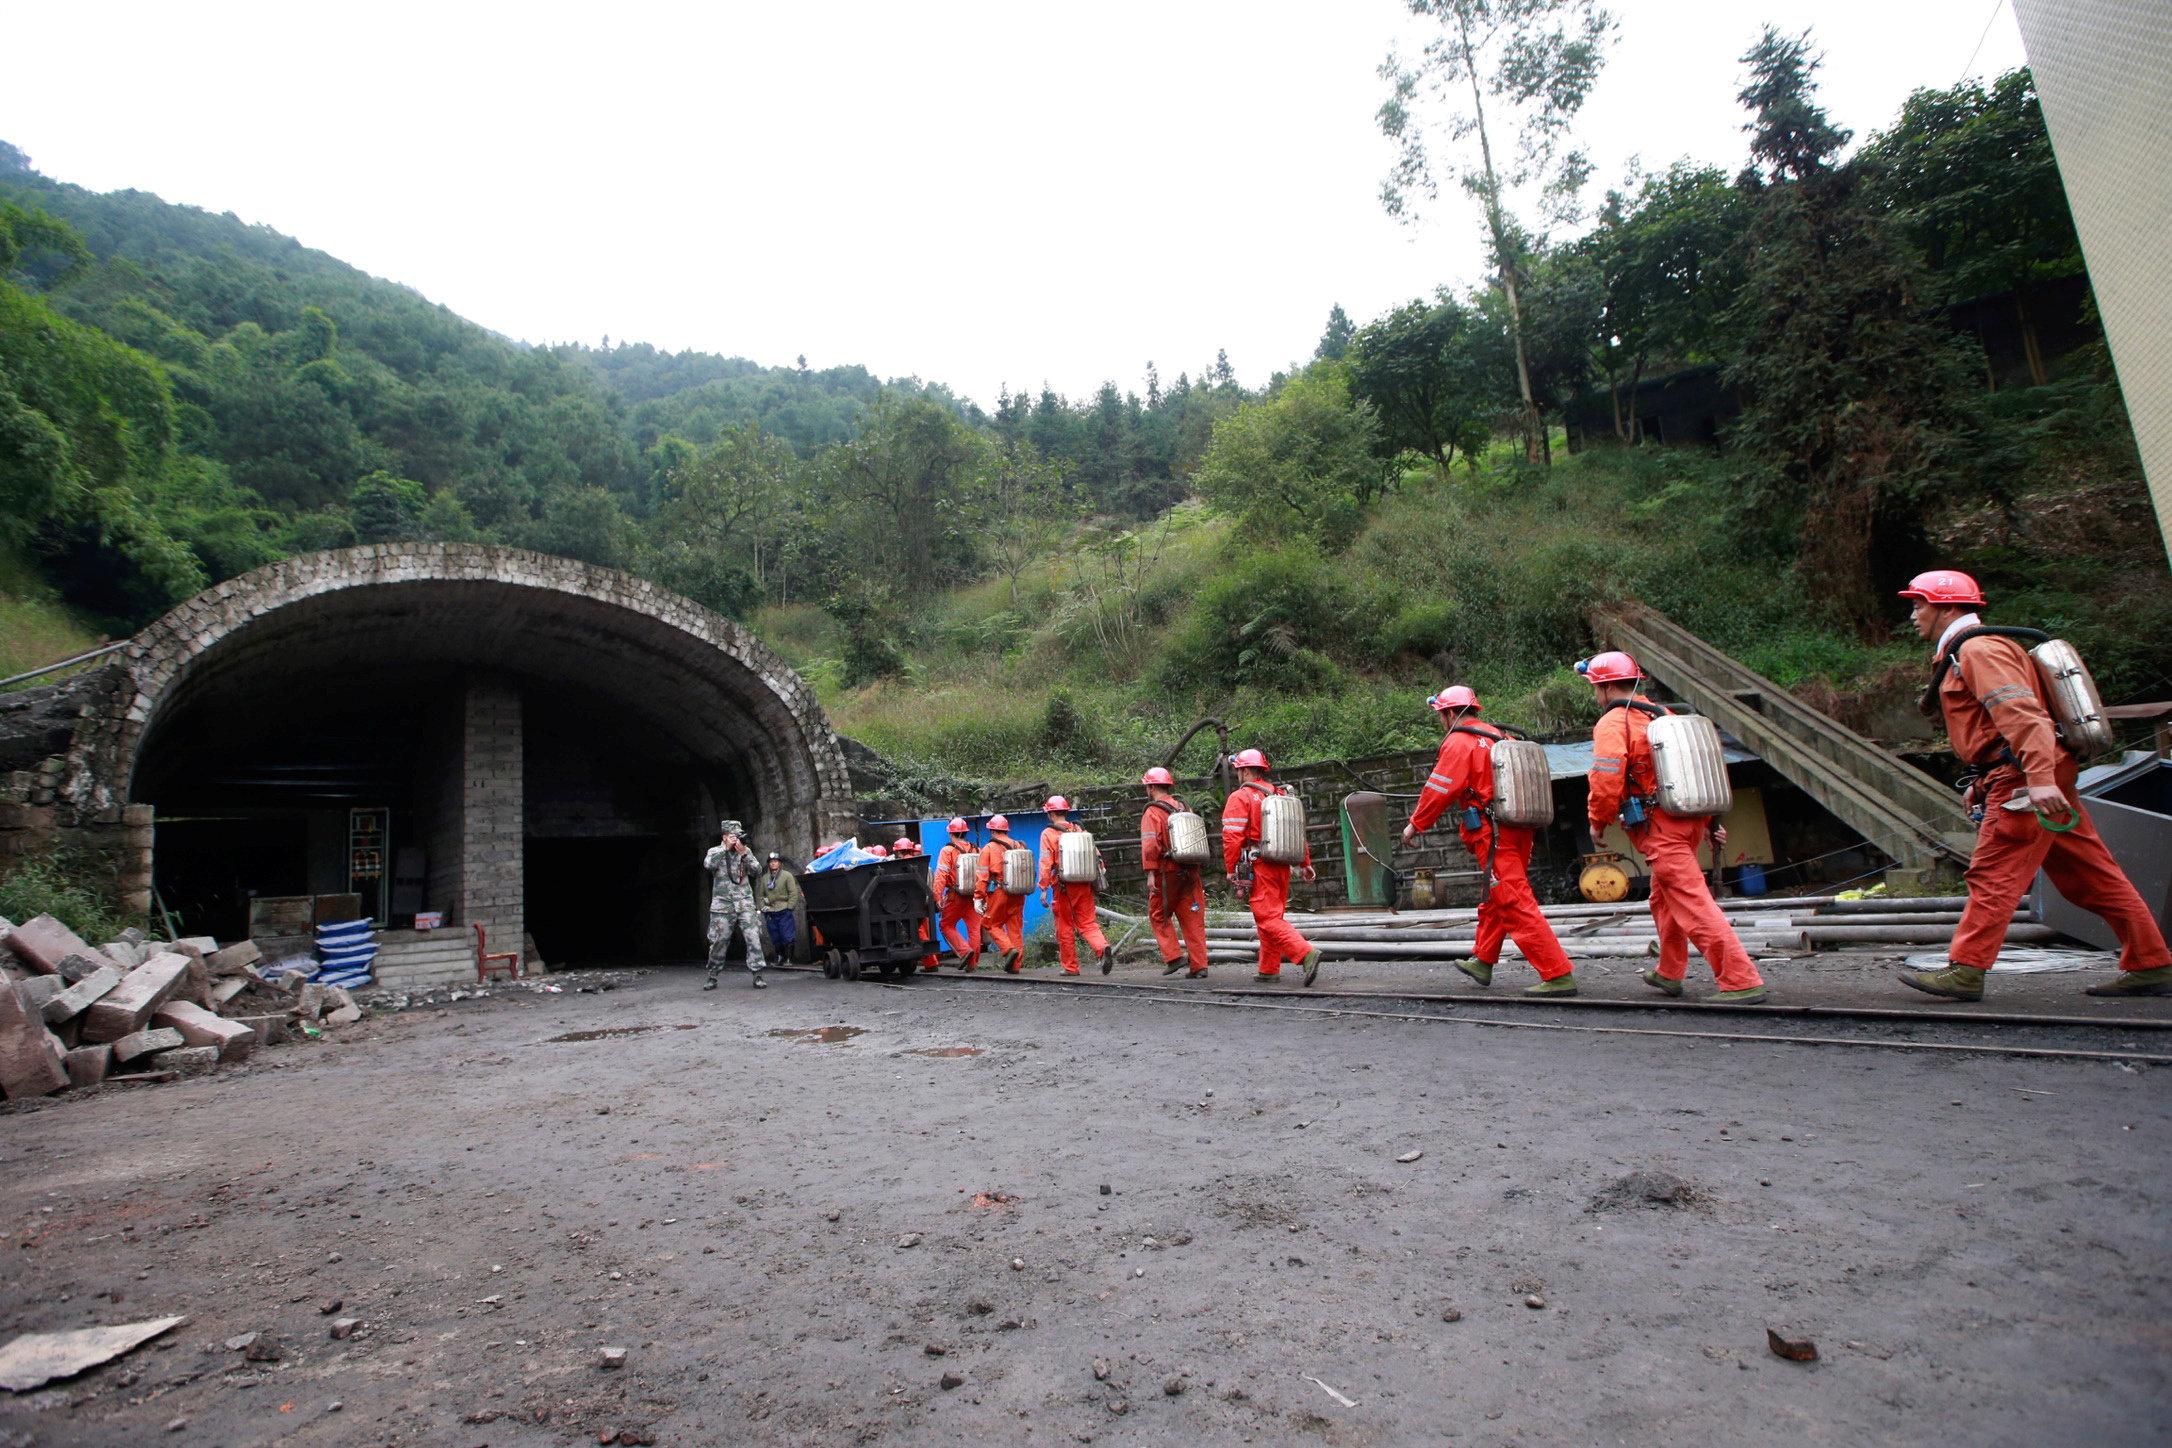 Τουλάχιστον δύο νεκροί από έκρηξη σε ορυχείο στην